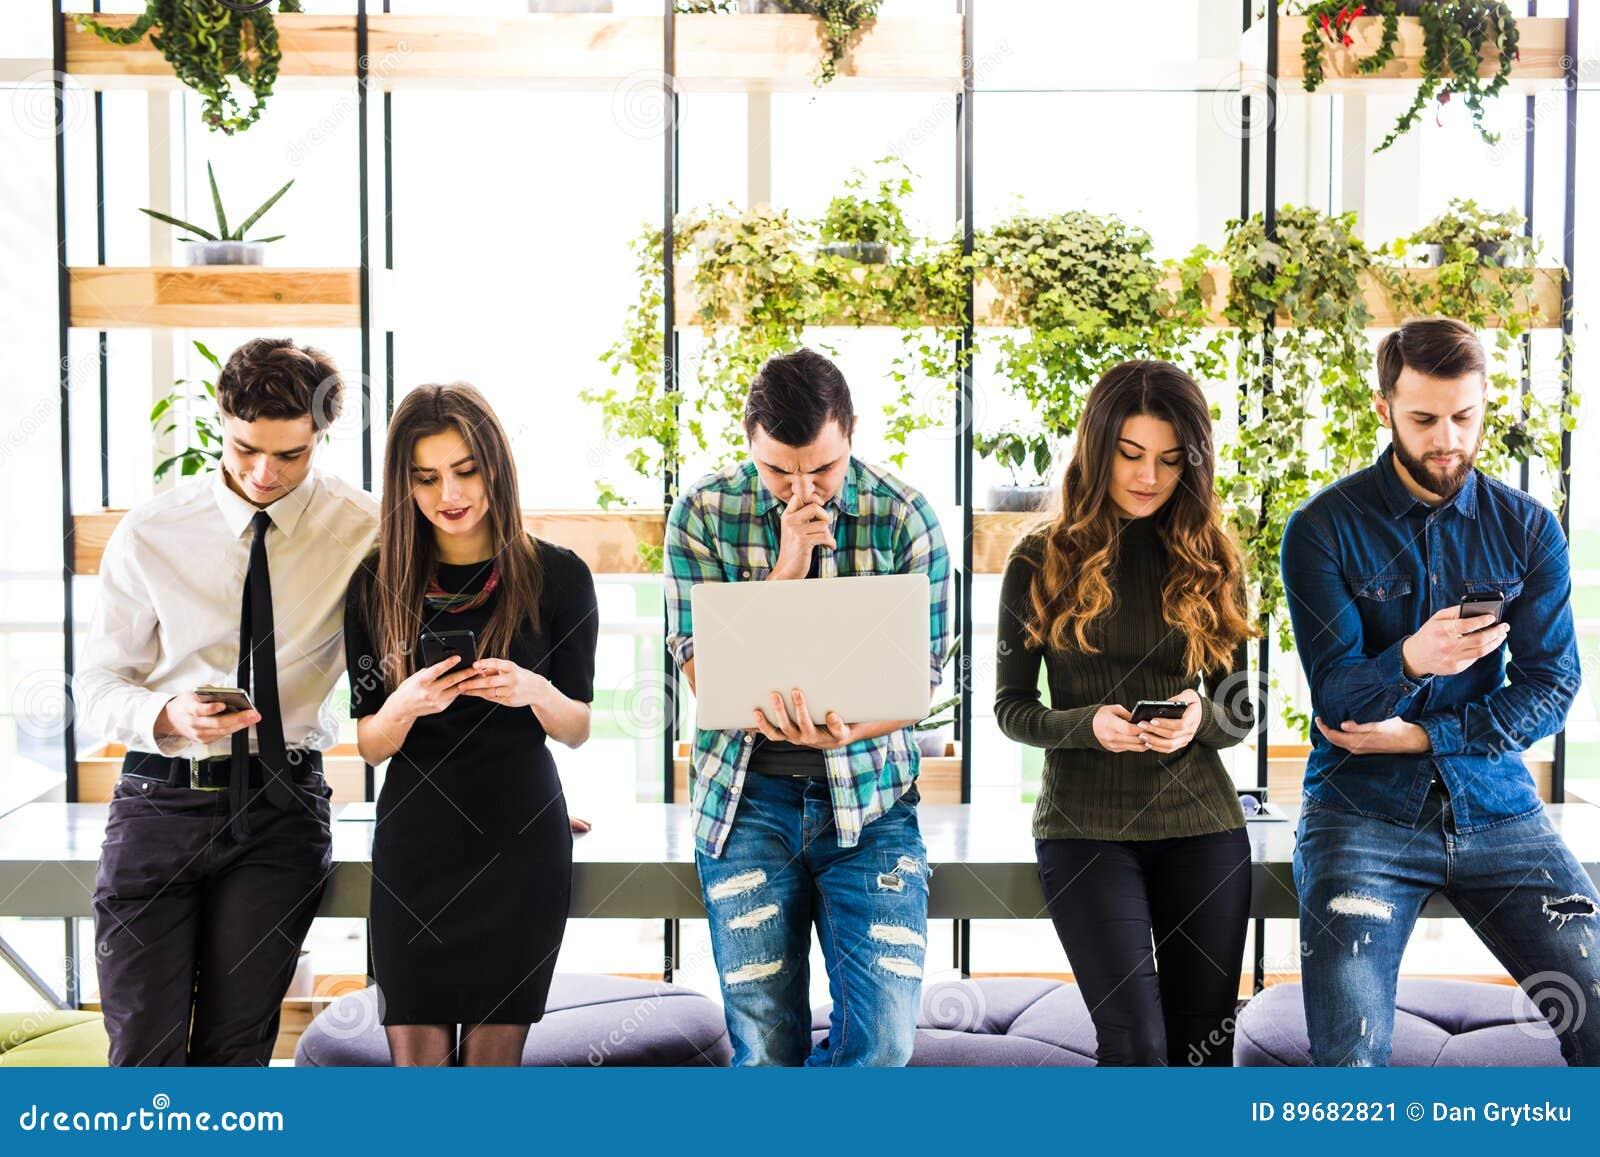 Η ομάδα φίλων που στέκονται στον πίνακα και η καθεμία χρησιμοποιούν τα divices του στο σύγχρονο δωμάτιο γραφείων Μαζί διασκέδαση